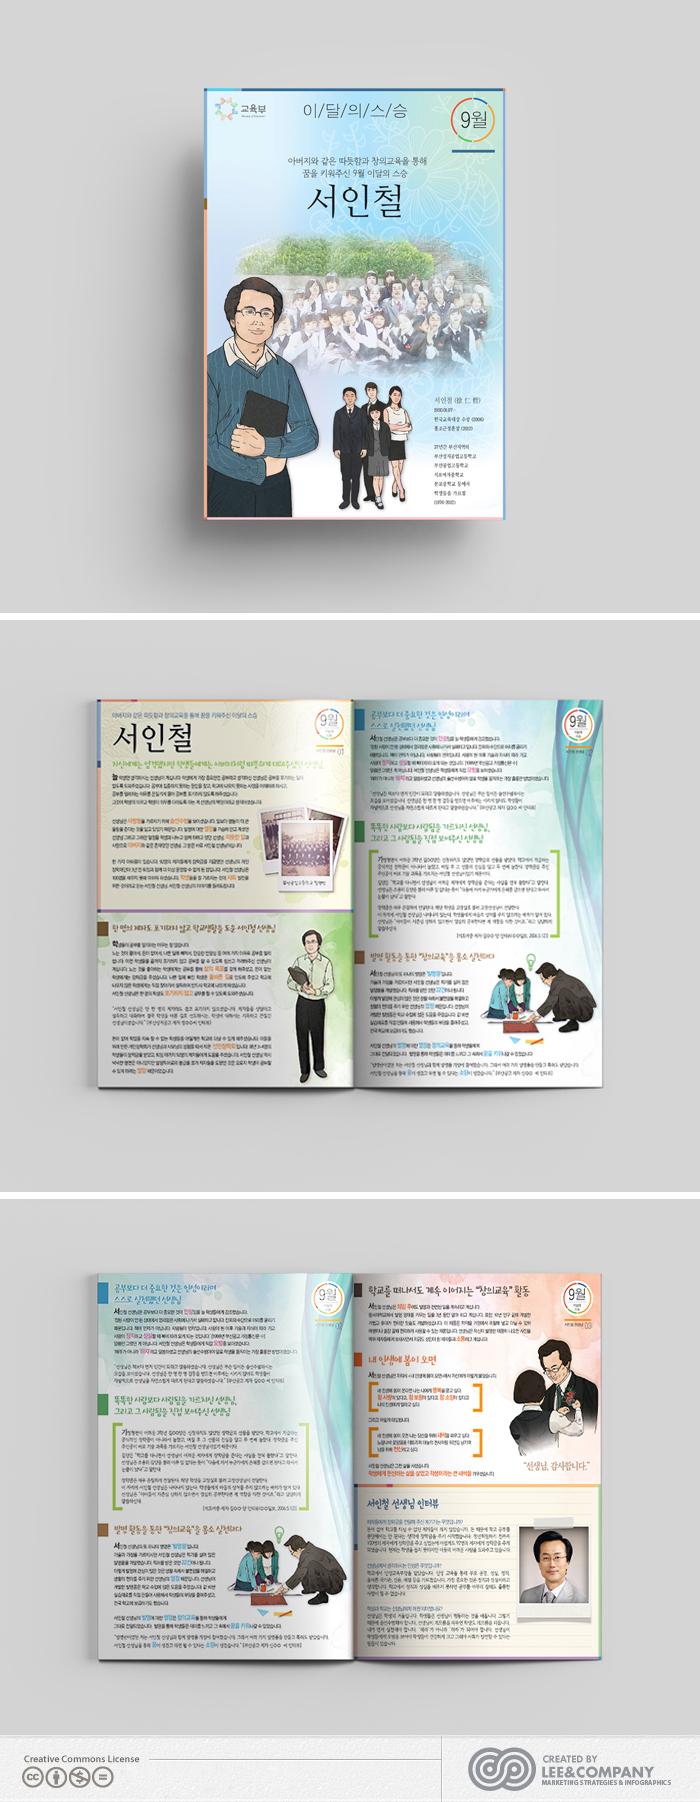 교육부_이달의스승_9월_web